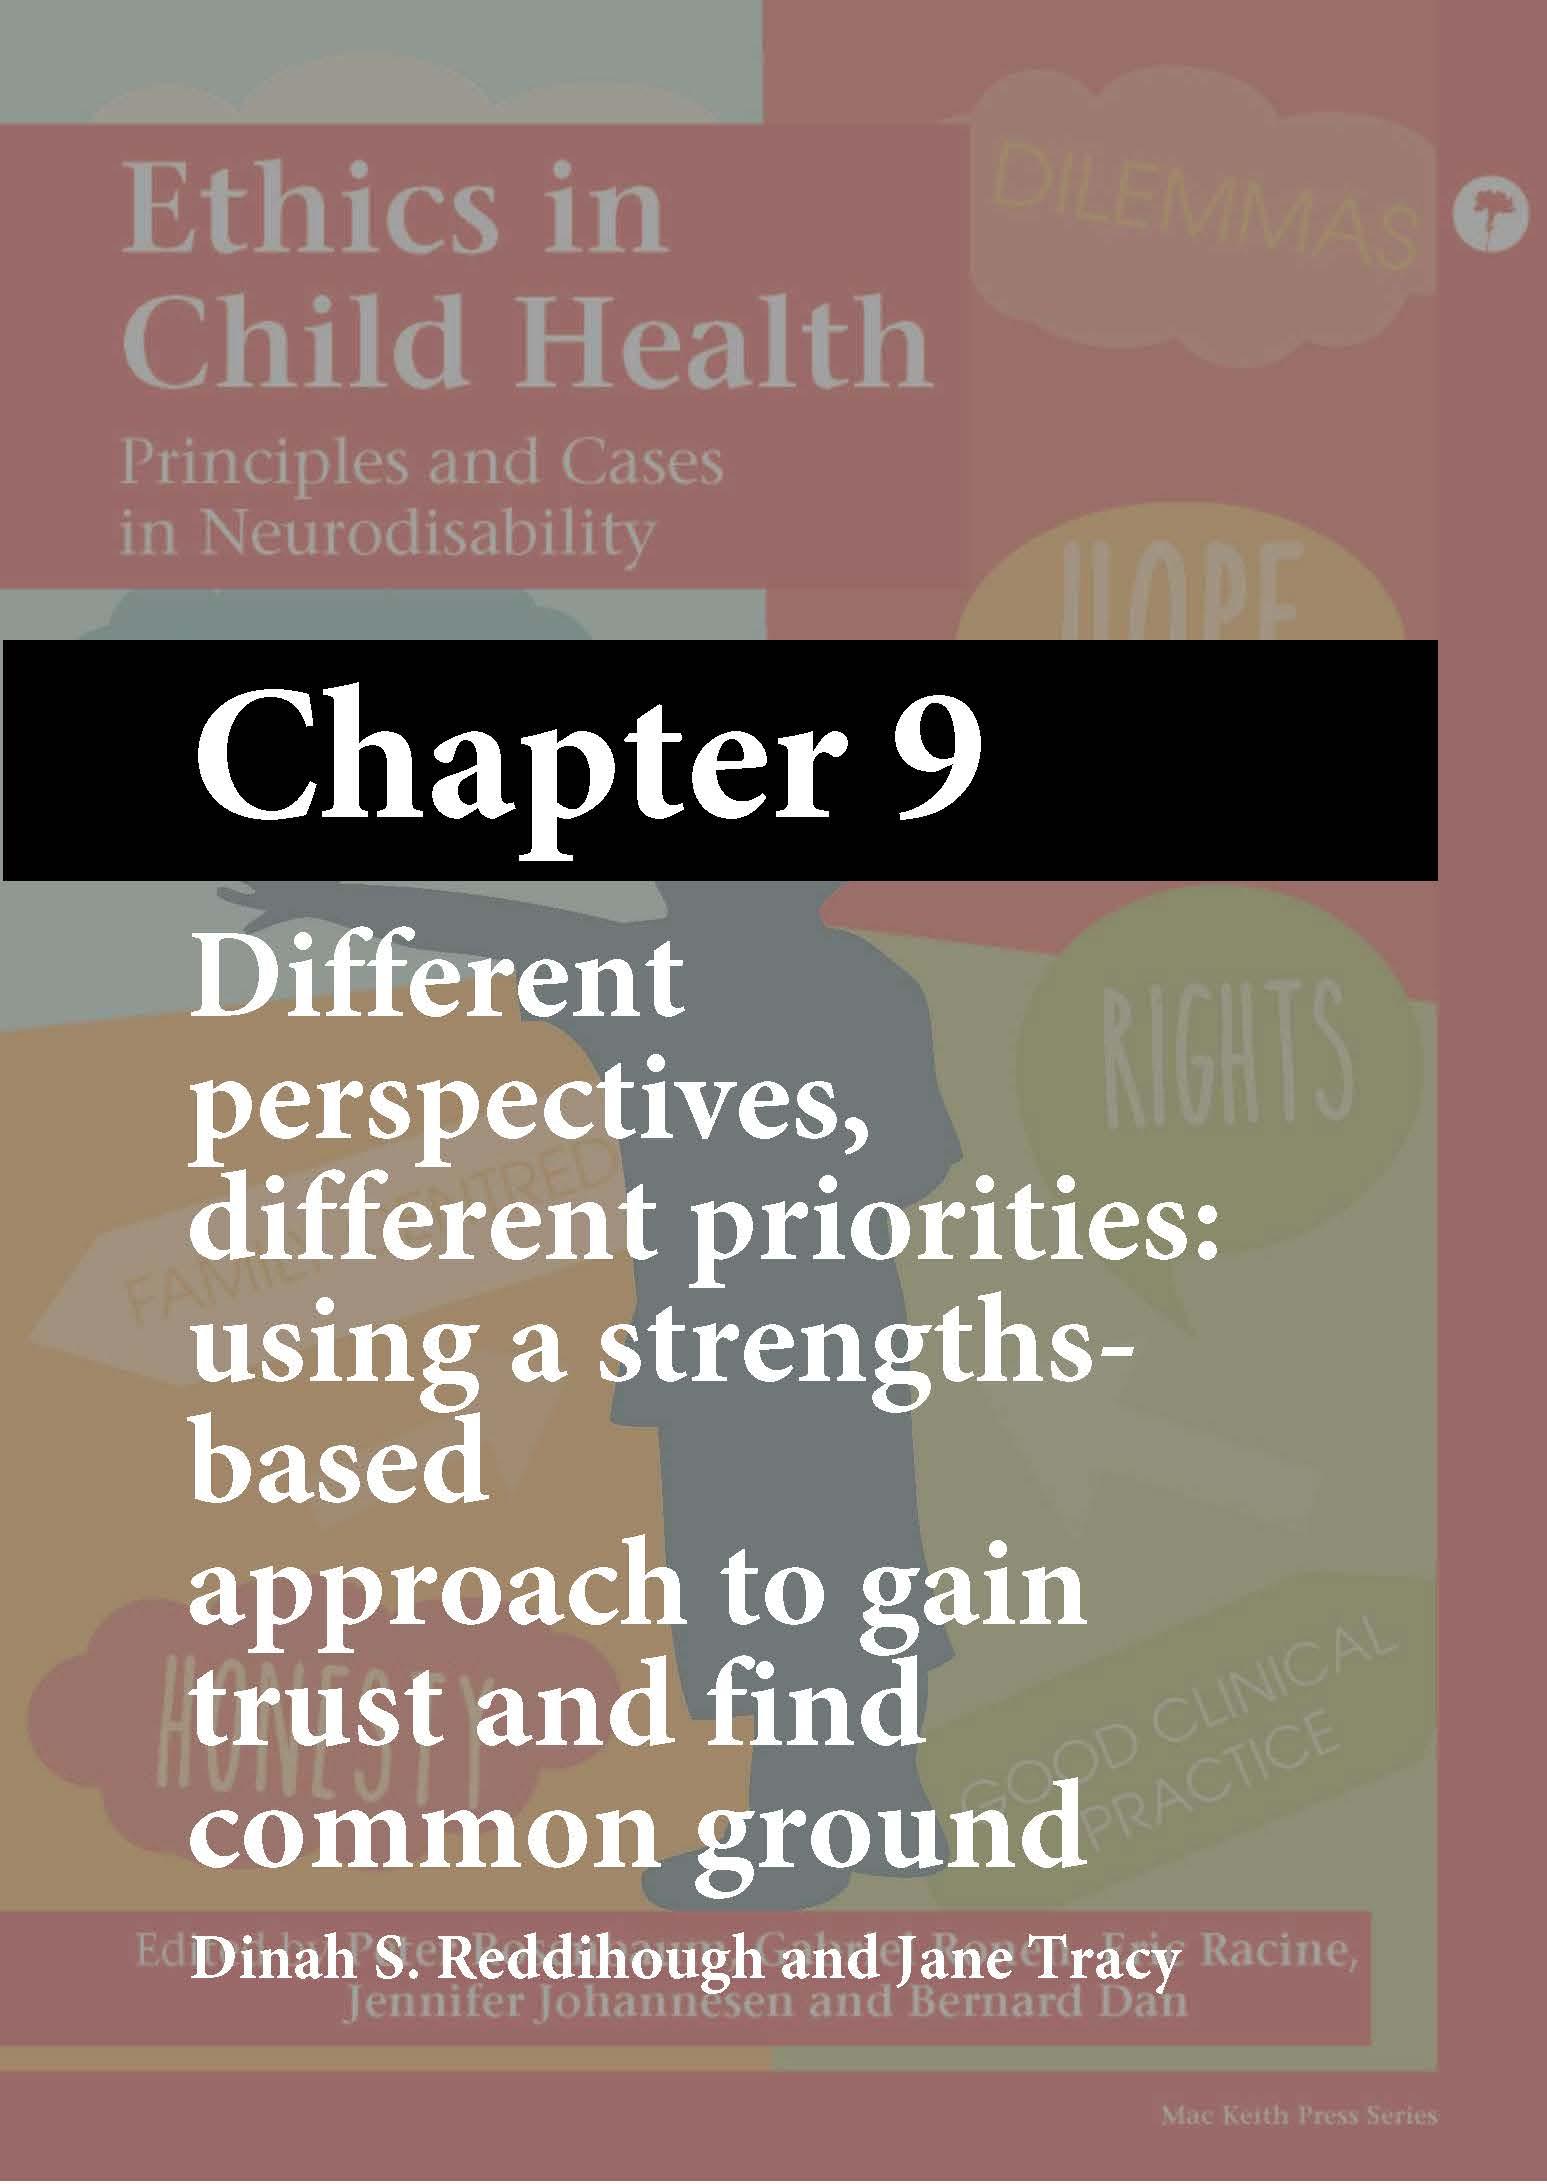 Ethics in Child Health, Rosenbaum, Chapter 9 cover